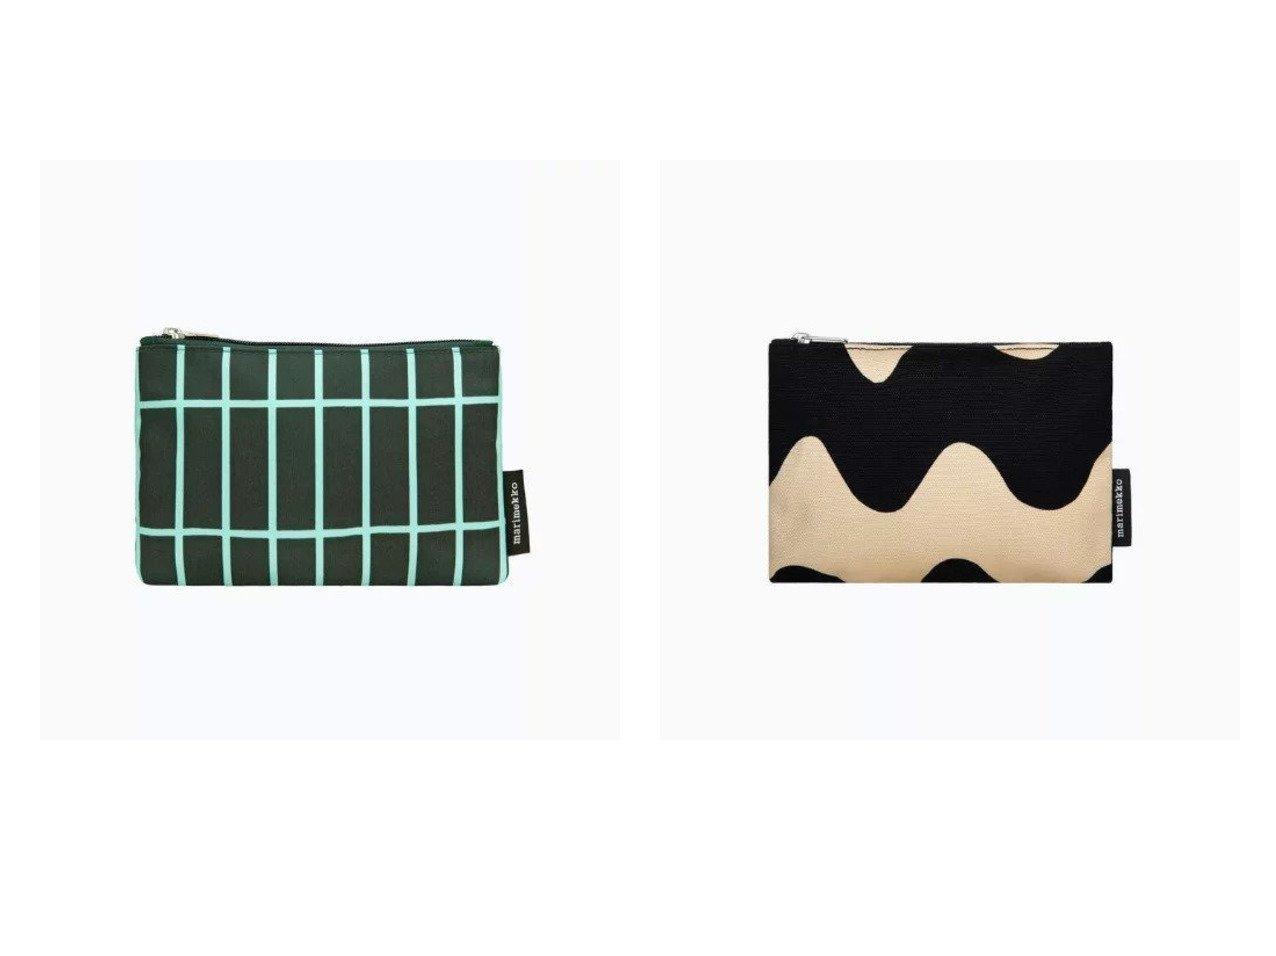 【marimekko/マリメッコ】のTiiliskivi Kaika ポーチ&Lokki Keijutar ポーチ マリメッコのおすすめ!人気、トレンド・レディースファッションの通販 おすすめで人気の流行・トレンド、ファッションの通販商品 メンズファッション・キッズファッション・インテリア・家具・レディースファッション・服の通販 founy(ファニー) https://founy.com/ ファッション Fashion レディースファッション WOMEN ポーチ Pouches キャンバス コンビ フォルム ポーチ モダン モチーフ おすすめ Recommend アクセサリー スクエア モバイル |ID:crp329100000021904